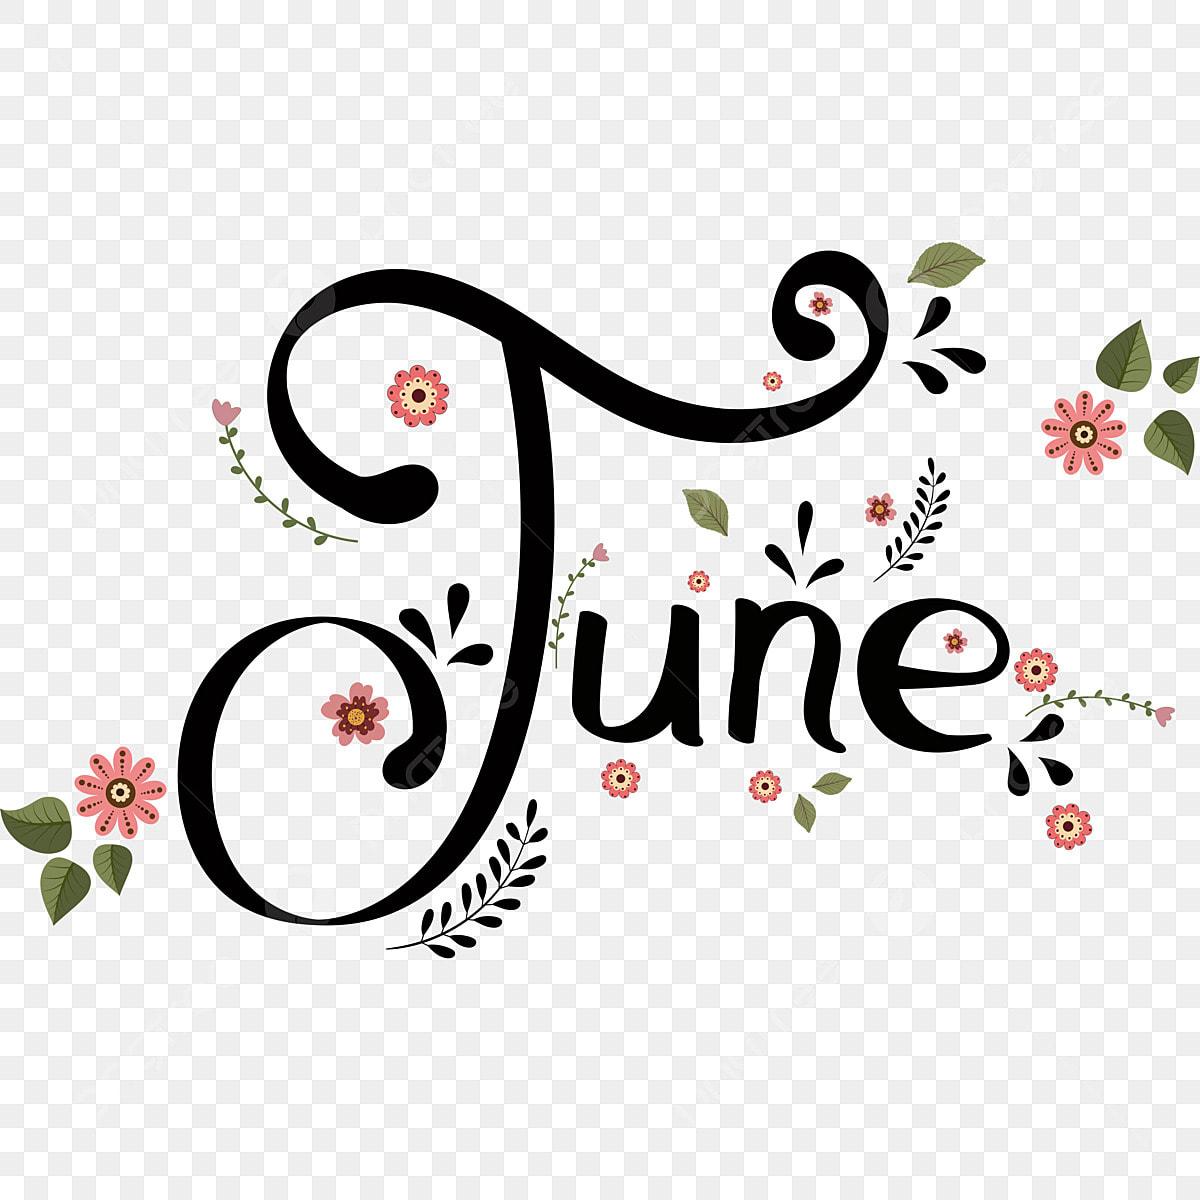 شهر يونيو اي شهر